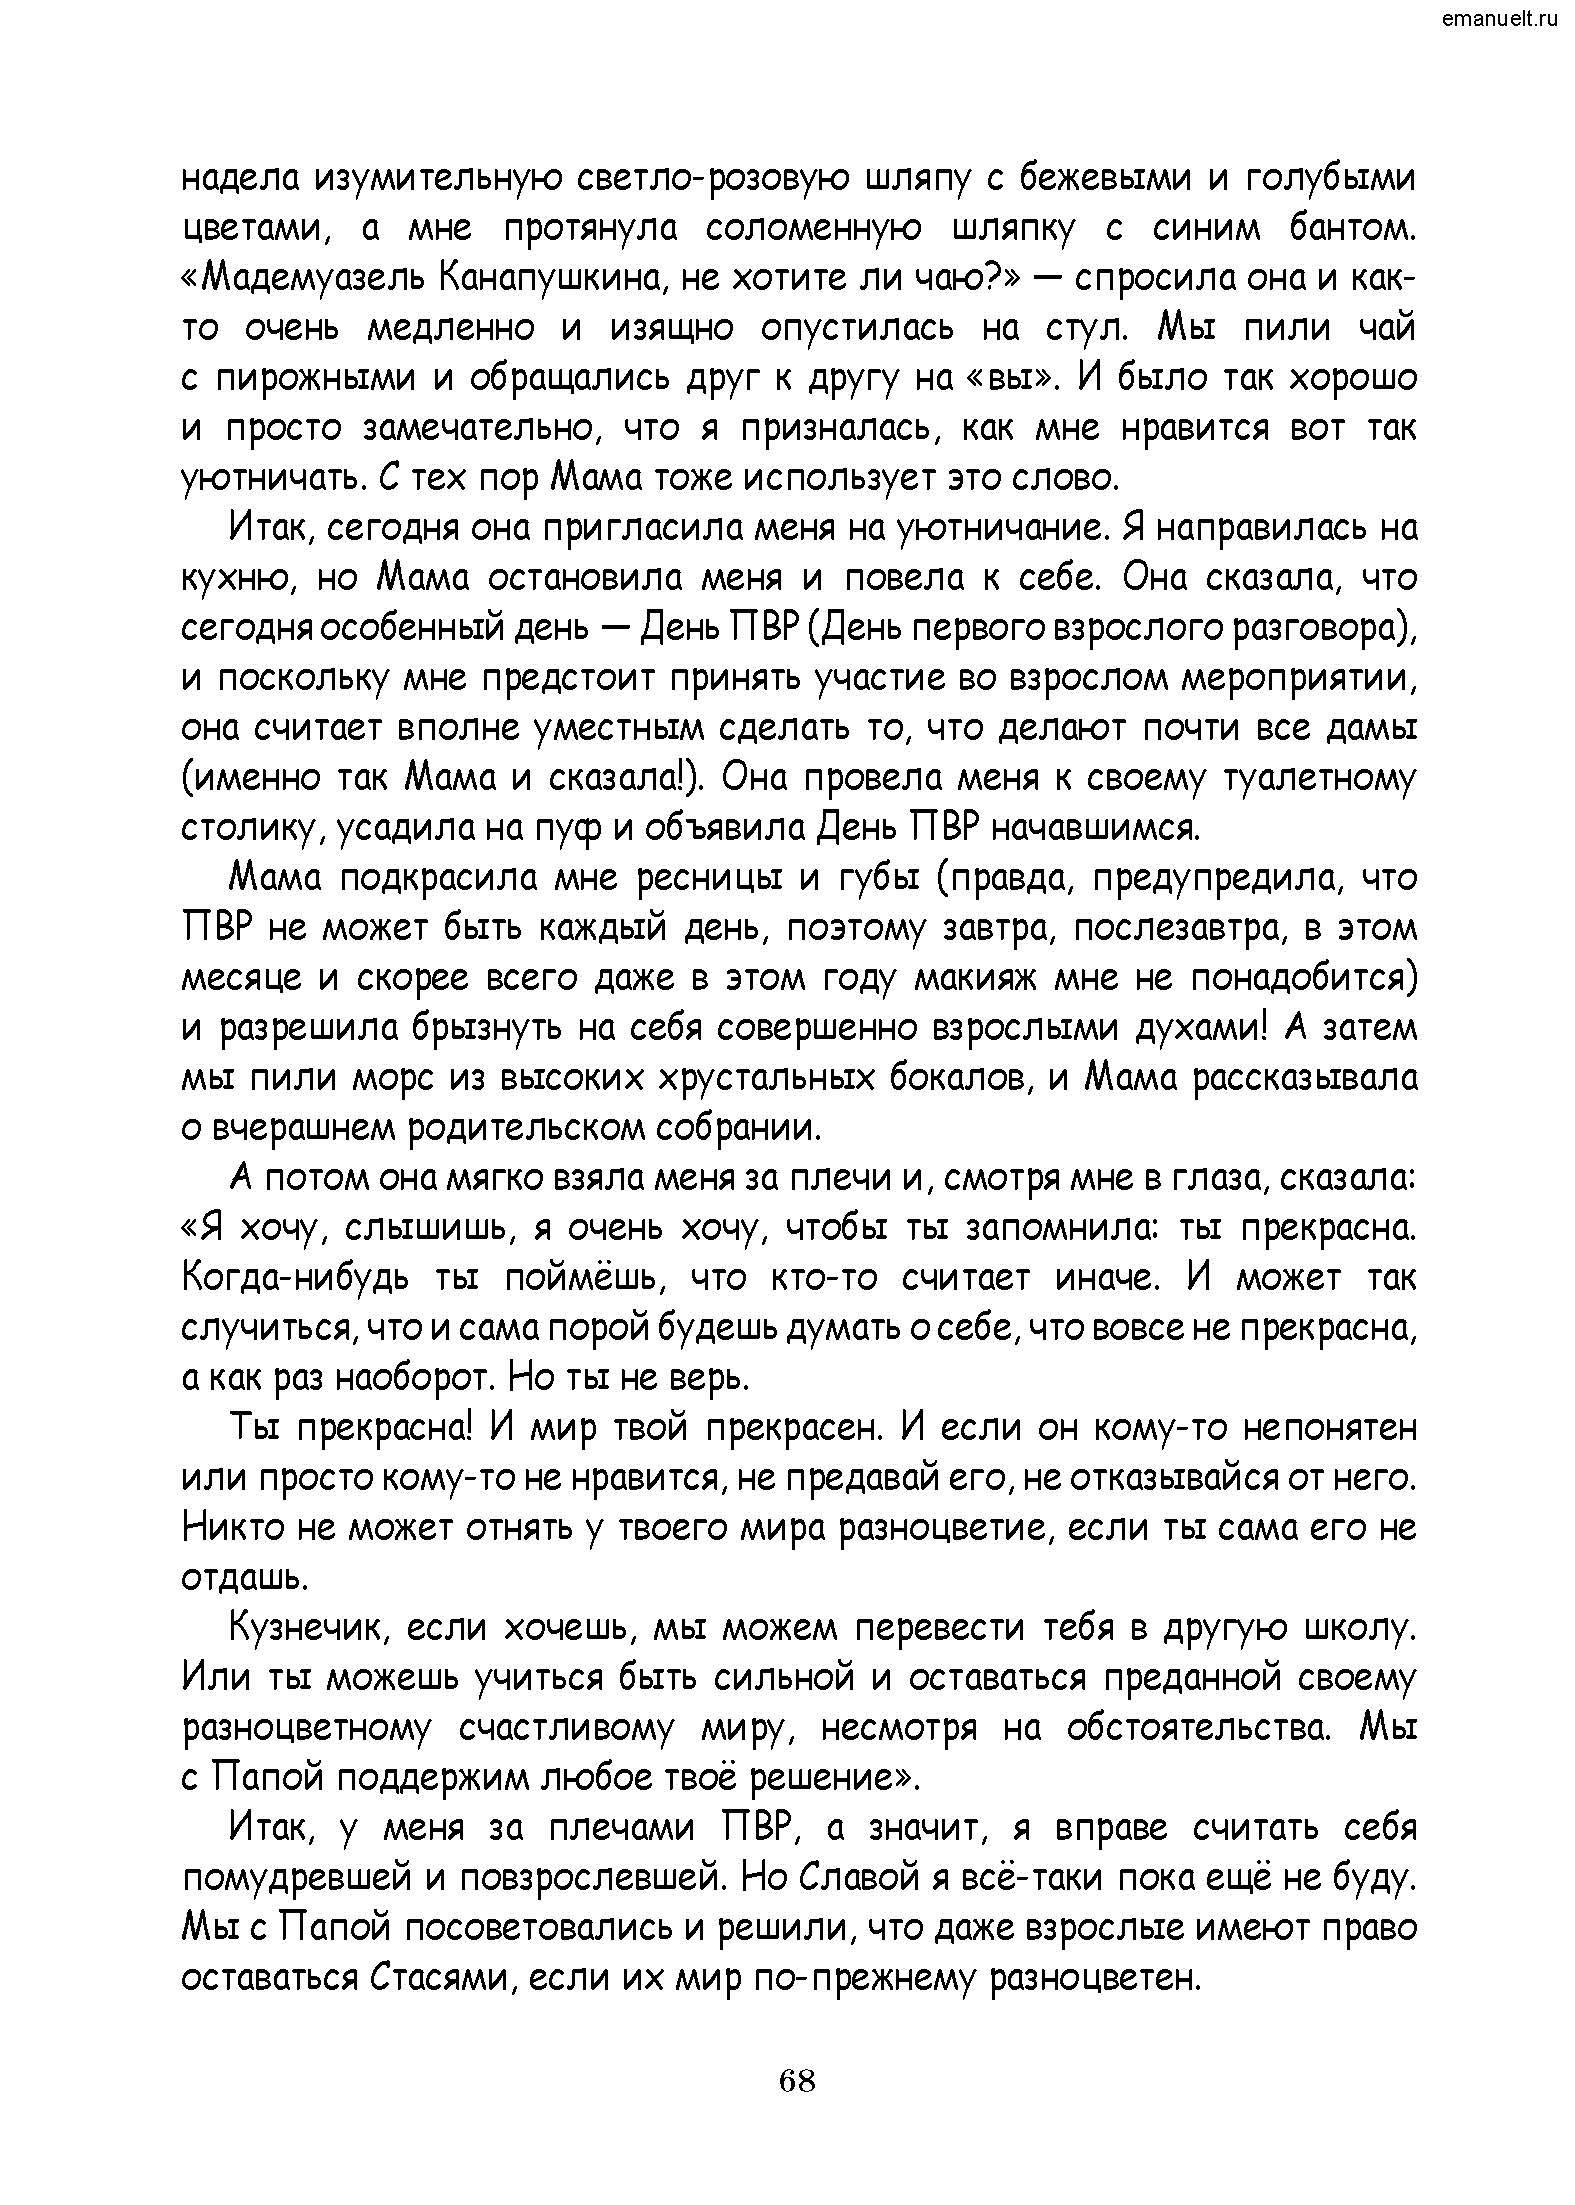 Рассказки в заданиях. emanuelt.ru_Страница_069